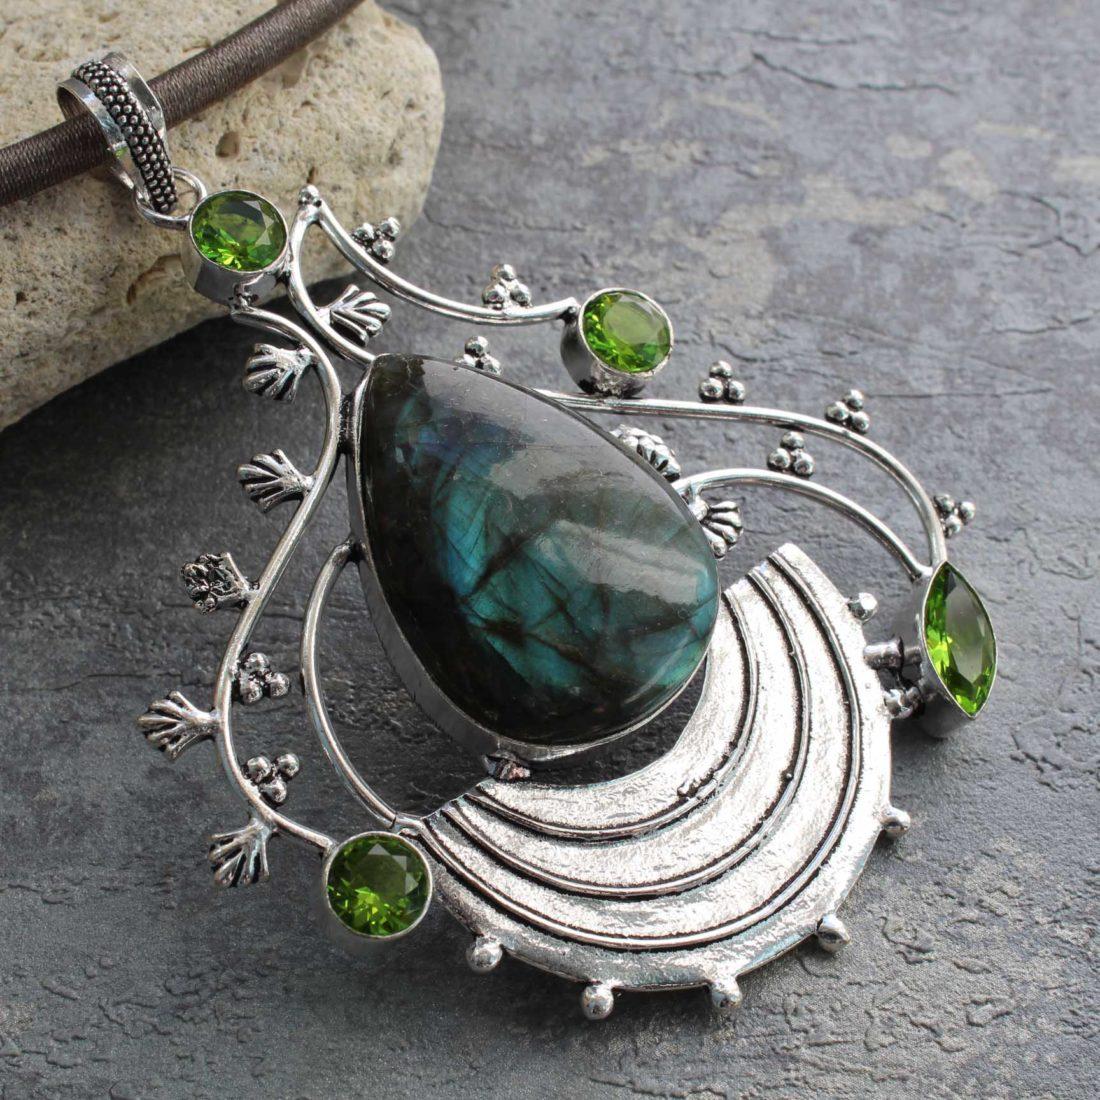 Лабрадор — камень «северное сияние». Магические и лечебный свойства, кому подходит по знаку зодиака